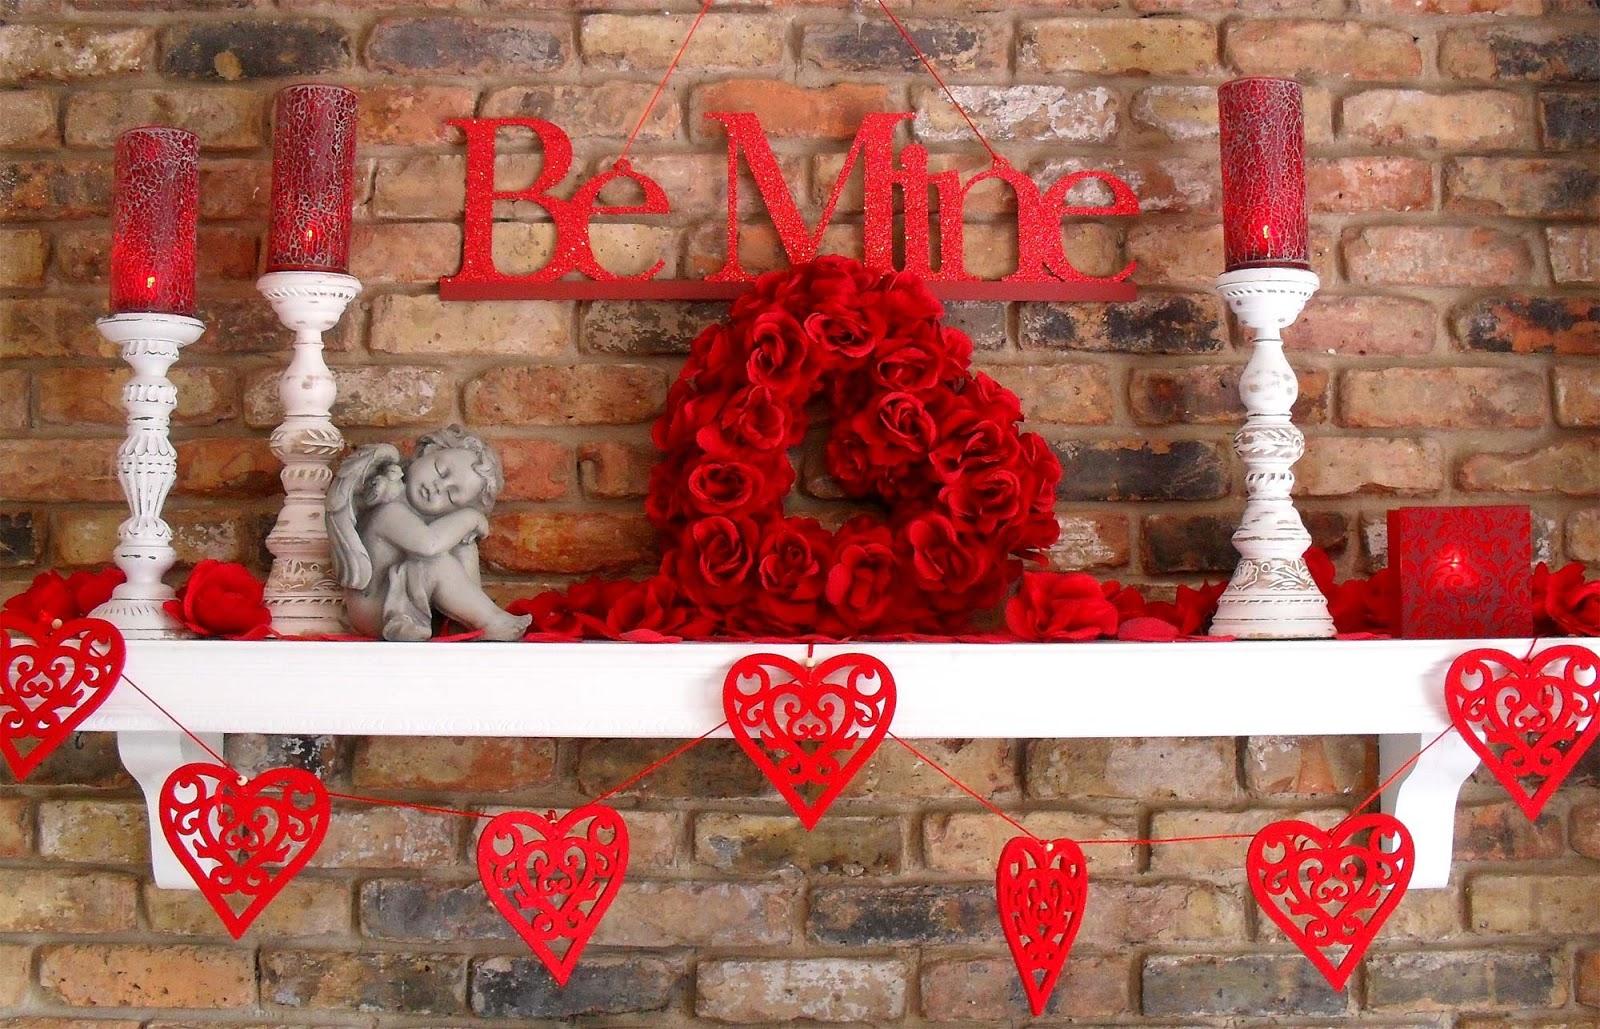 http://4.bp.blogspot.com/-vf6Rv2rb5j8/UPbrFcT8lWI/AAAAAAAACI0/DlIkTDDFkdA/s1600/valentine\'s+day+decorations+ideas+(1).jpg